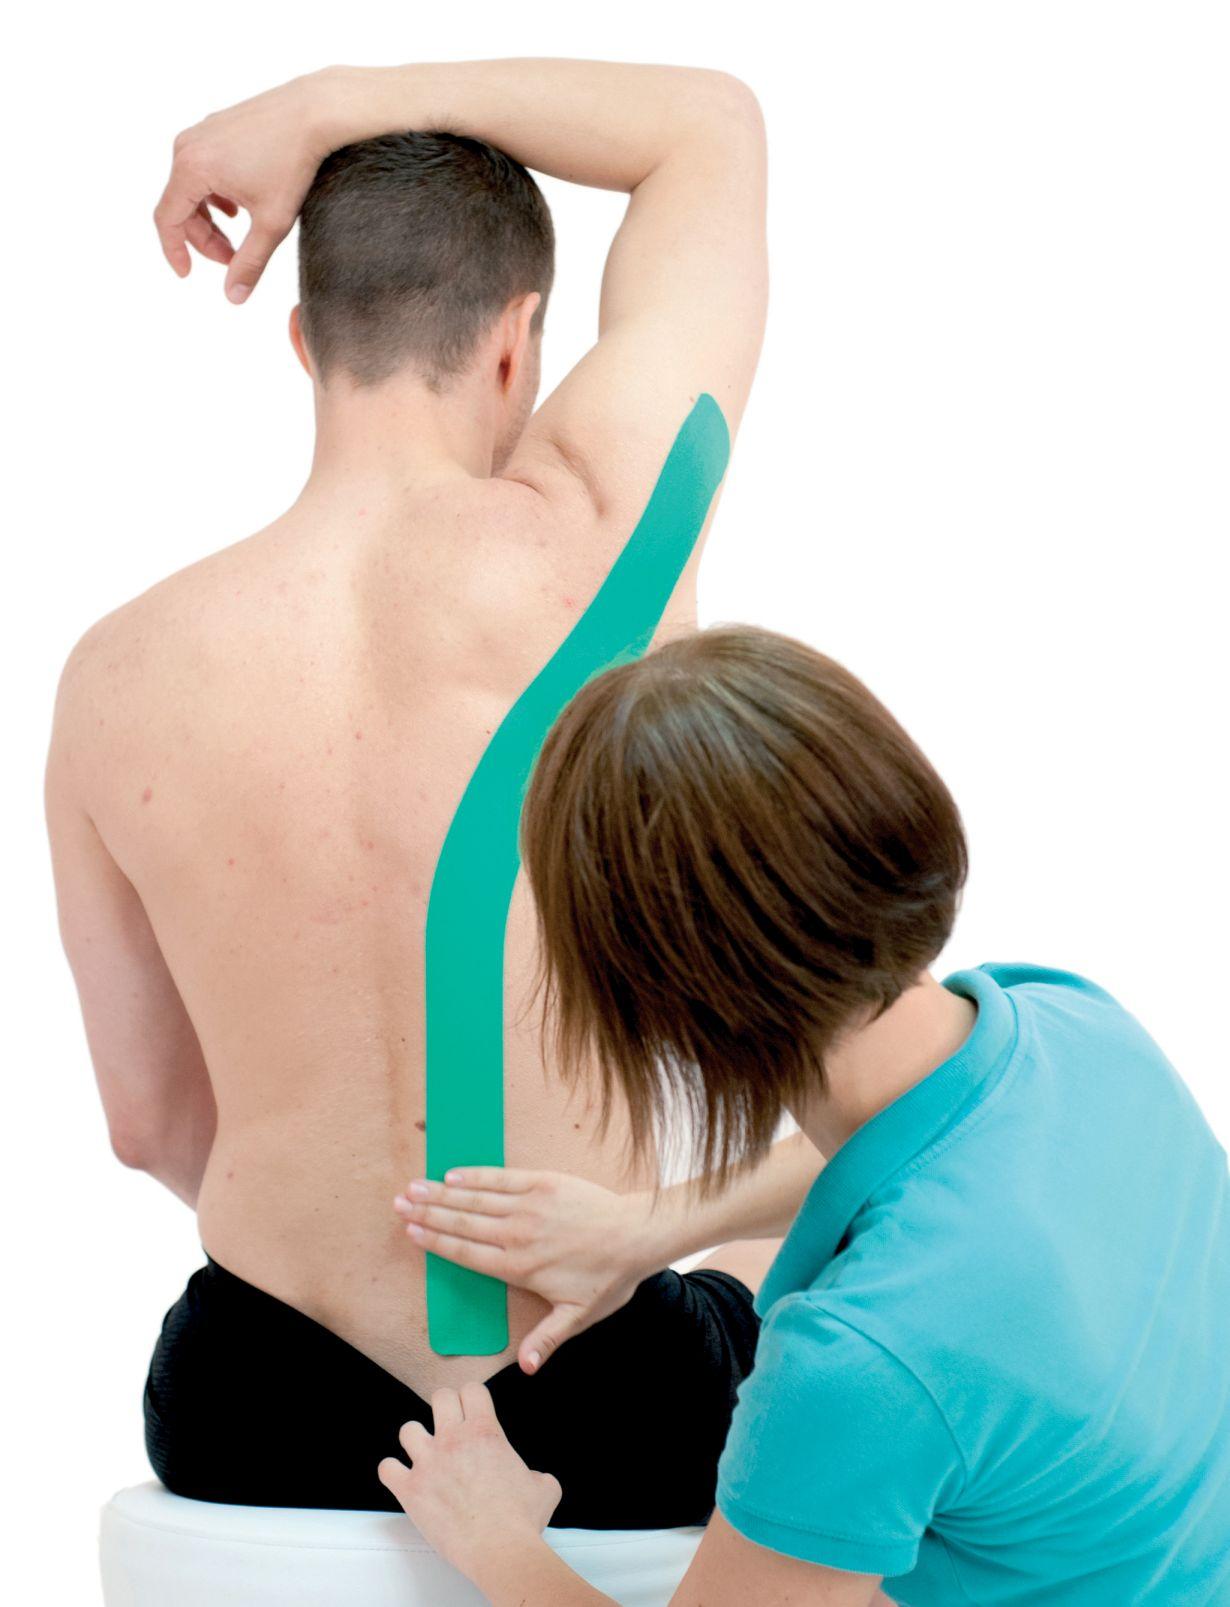 Tejpování širokého svalu zádového